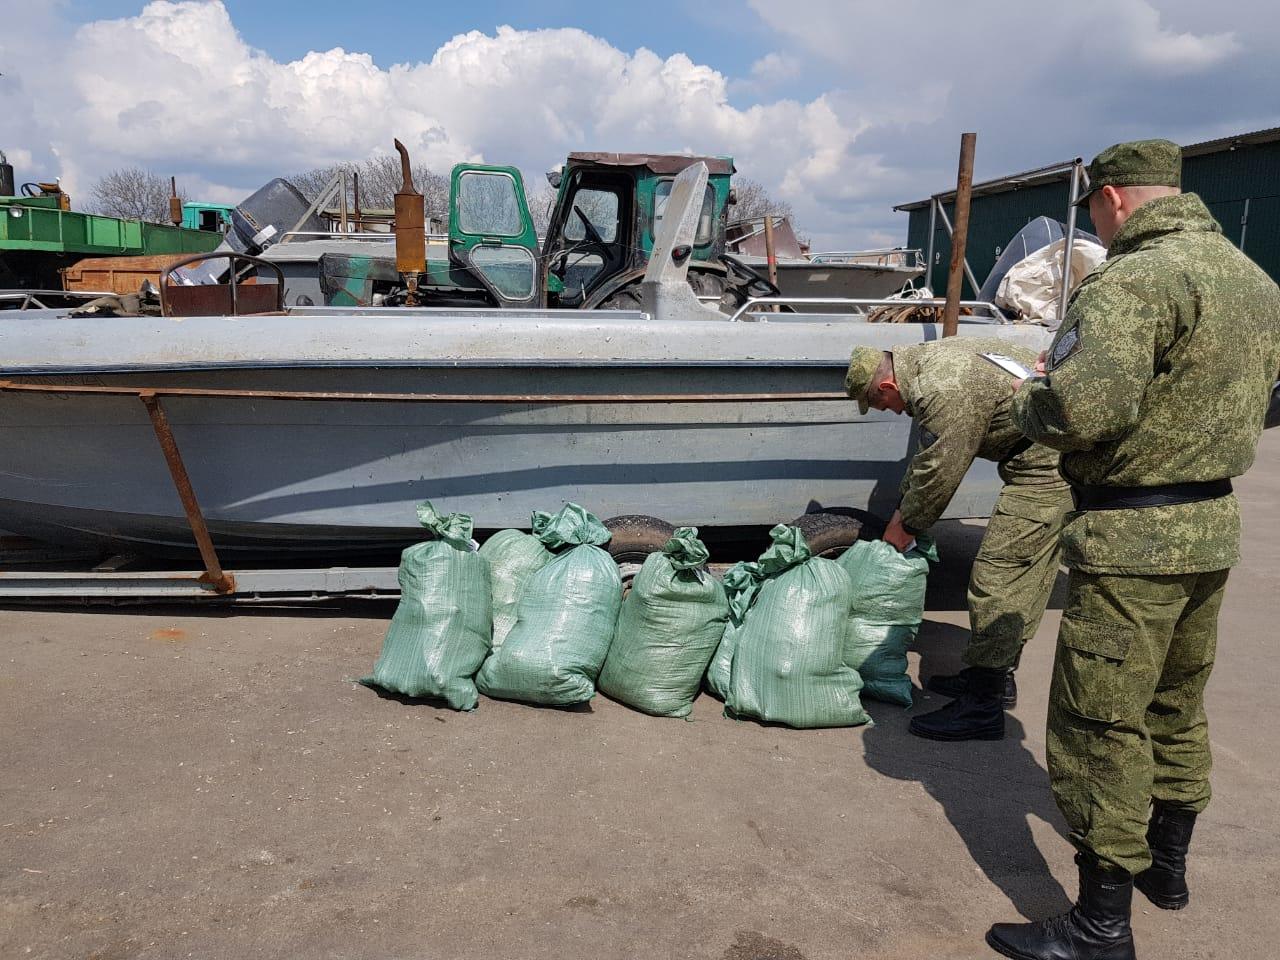 Под Таганрогом в Петрушино сотрудники погрануправления ФСБ изъяли у браконьера более 1,2 тонны рыбы. ВИДЕО